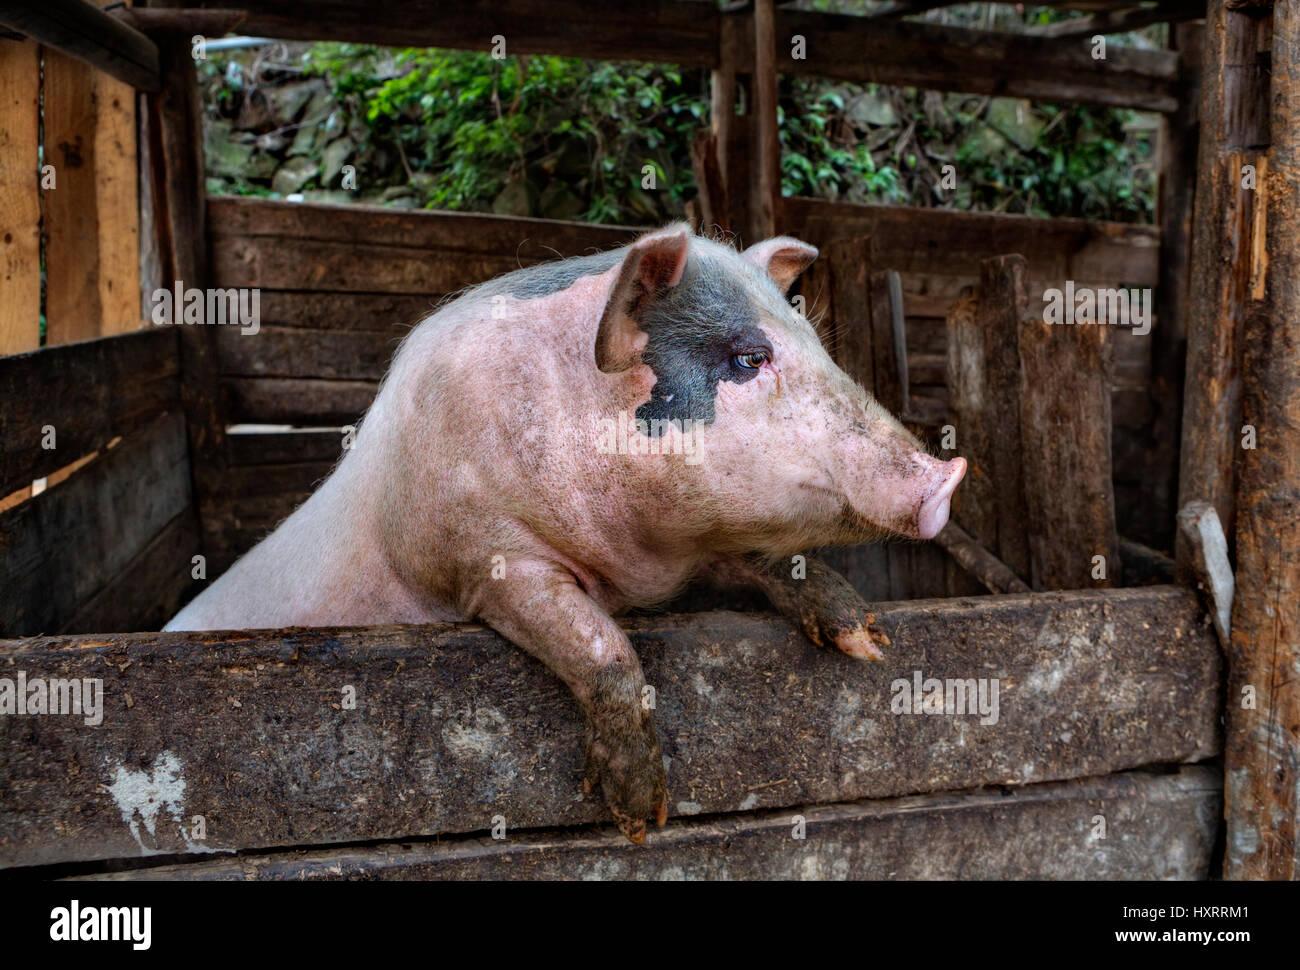 Erfreut Schwein Drahtzaun Pläne Fotos - Elektrische Schaltplan-Ideen ...